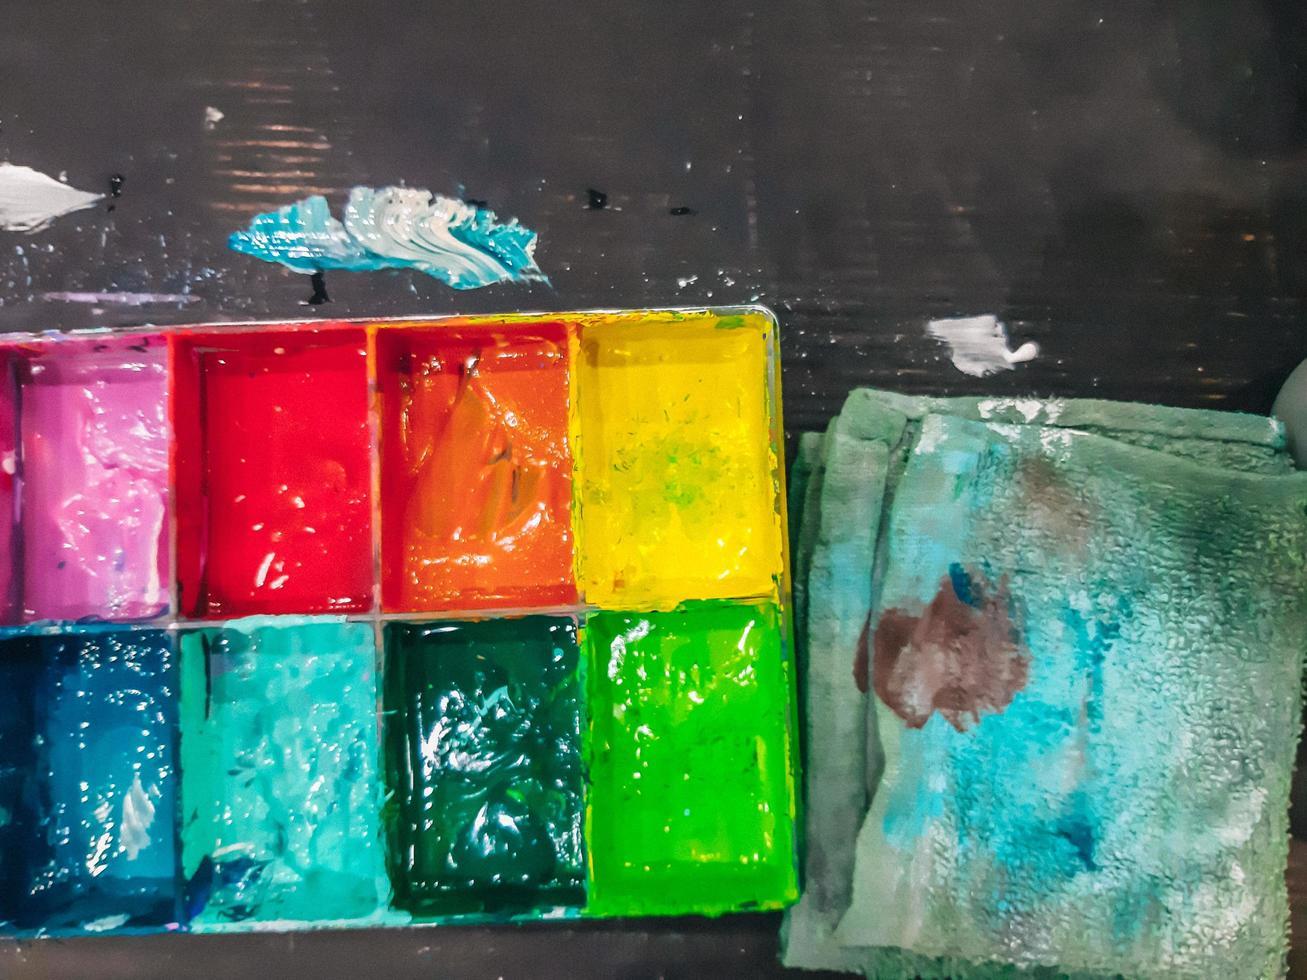 acuarela en una paleta, la paleta de pinturas al agua sobre la mesa, muchos colores en la paleta de pinturas al agua foto